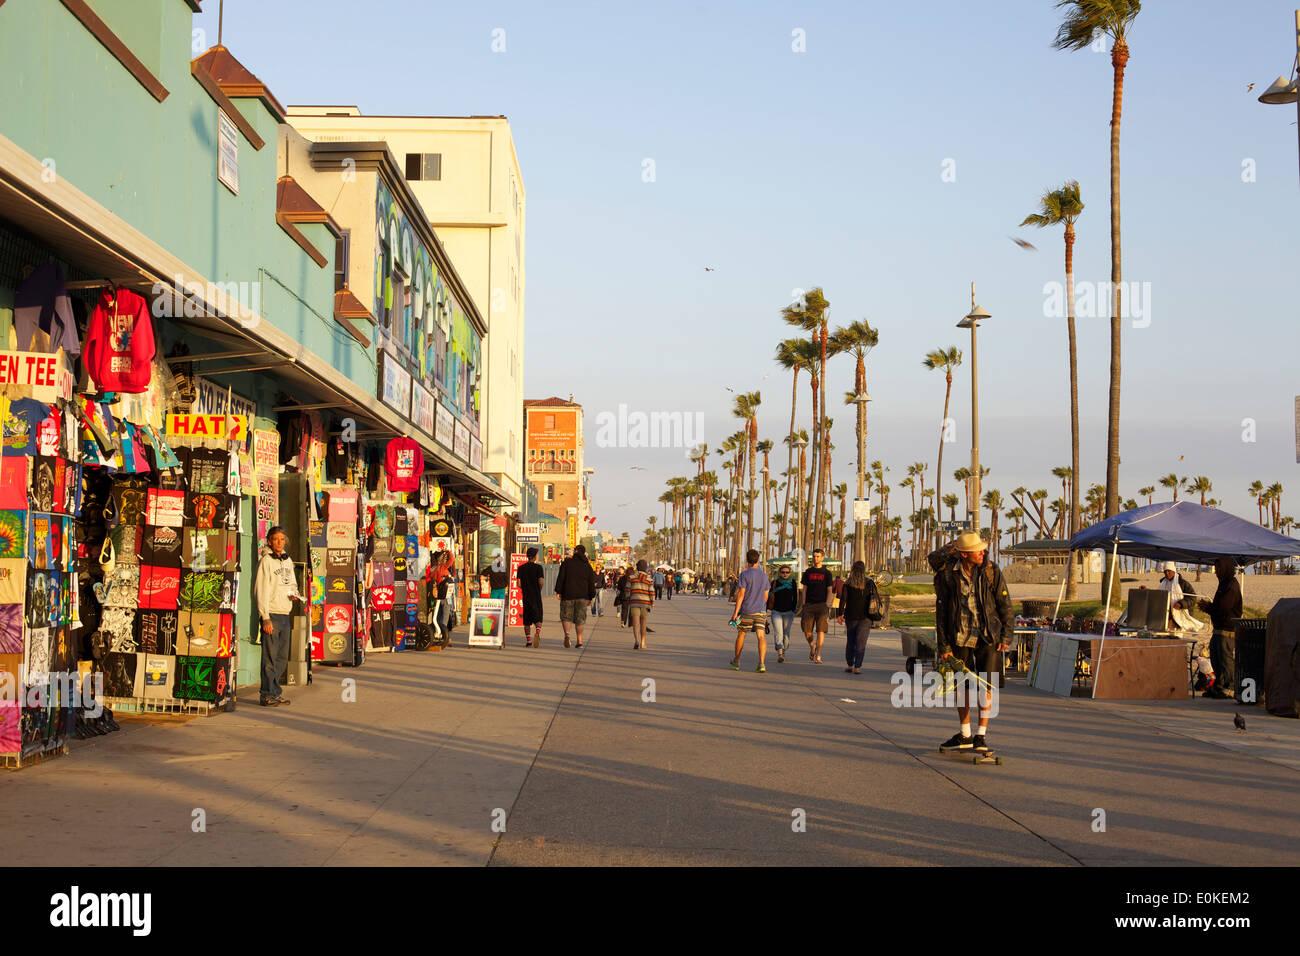 Gli amanti dello shopping a piedi e un giovane uomo di skateboard giù il Sunny Venice Beach Boardwalk in Los Angeles, Foto Stock